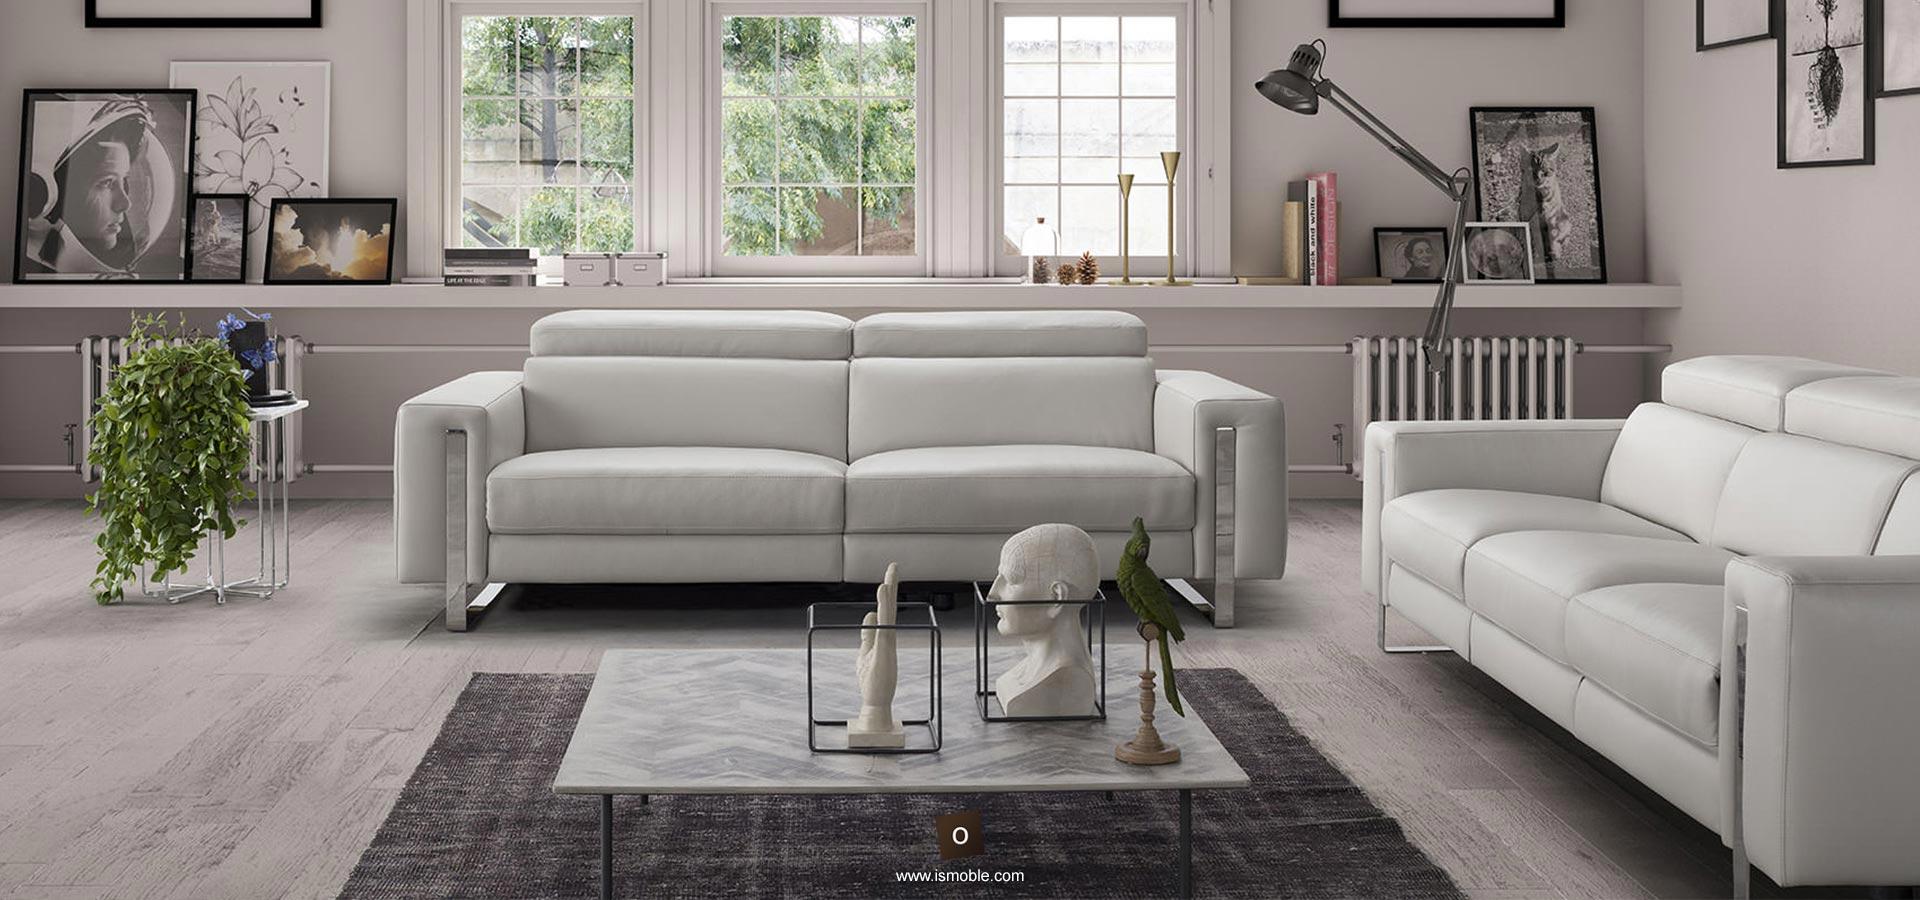 Sof s de disseny per la sala d 39 estar ismoble - Precios de sofas de piel ...